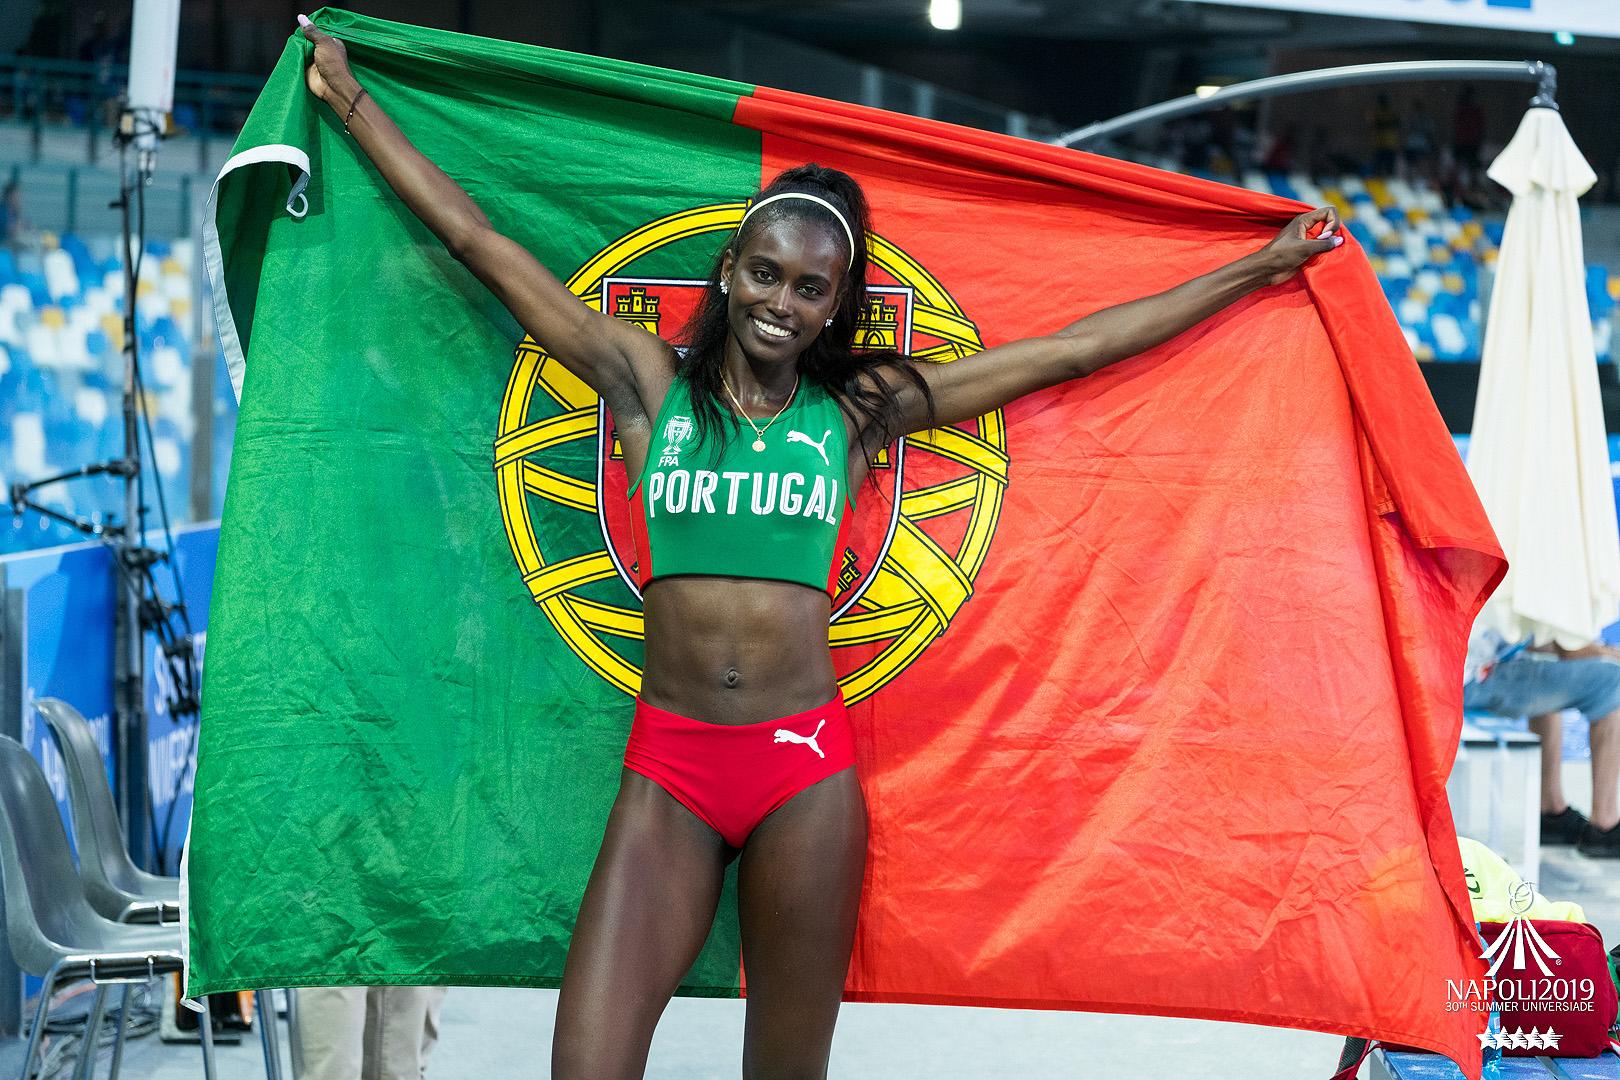 Natural da Praia, Cabo Verde, Evelise Veiga tem 23 anos. Estuda no Politécnico de Leiria e é atleta do Sporting.